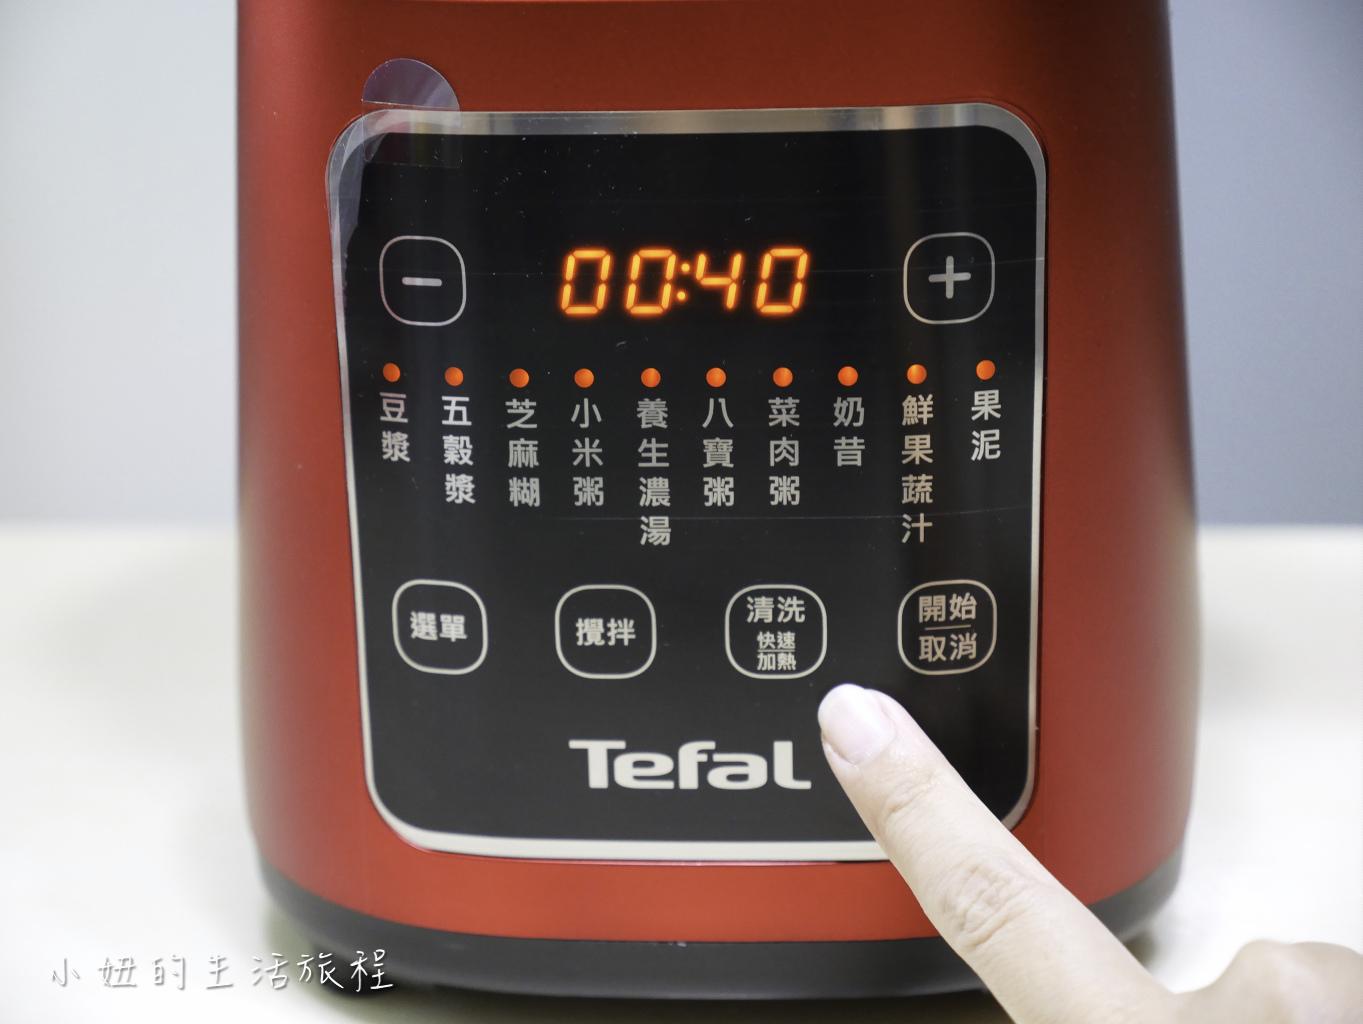 Tefal法國特福高速熱能營養調理機-39.jpg